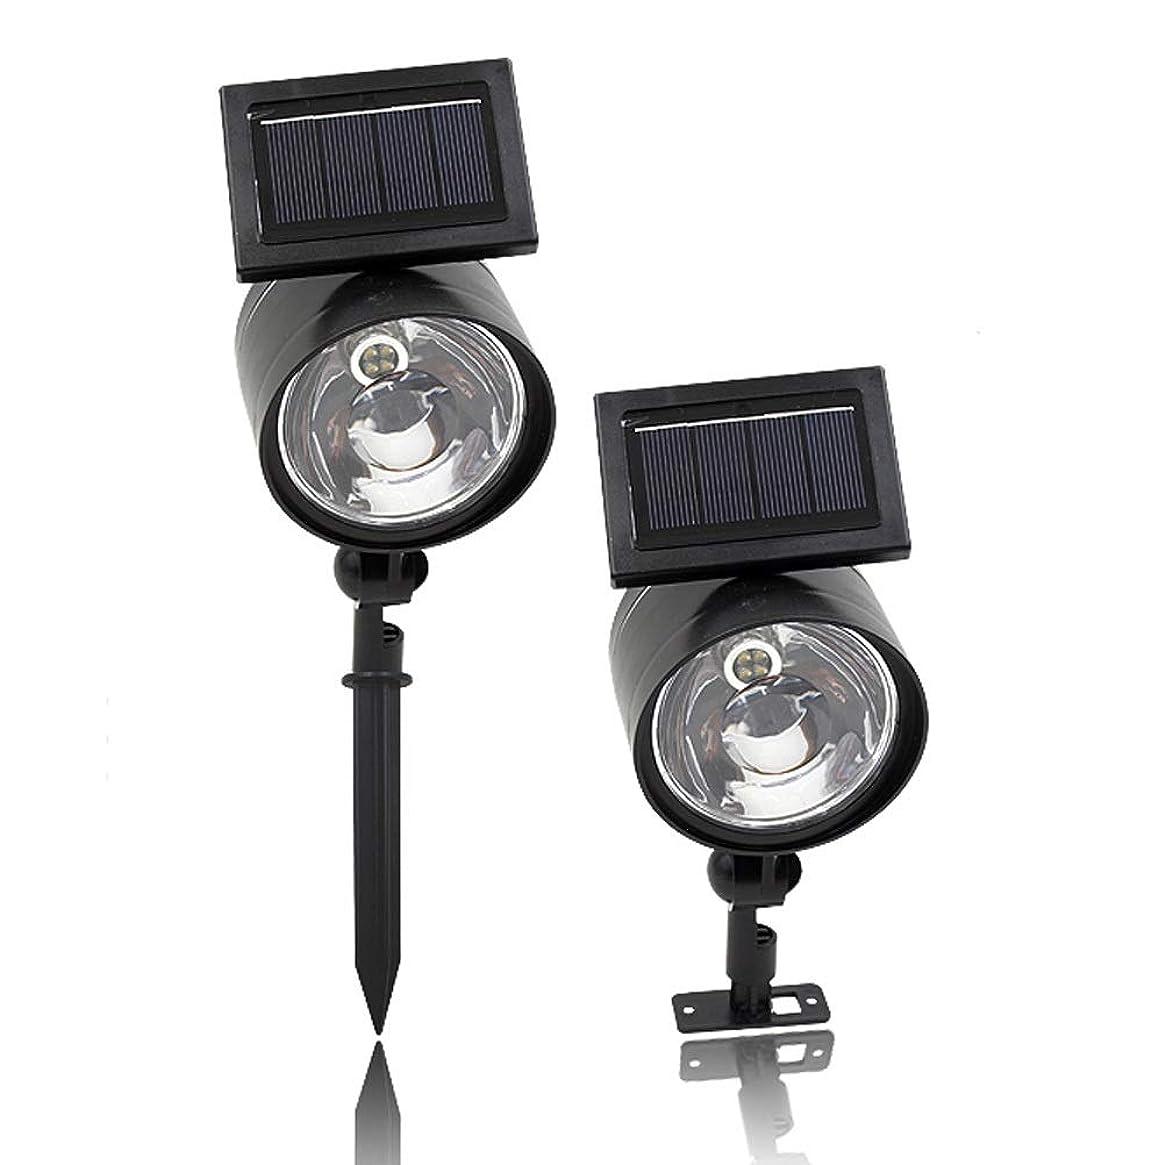 タービン全体に象ZXH 2PCS LEDソーラースポットライト、4 LED屋外防水超高輝度ソーラーガーデンライト、360°ヤードストリート私道のための角度ワイヤレススポットライトを調整します